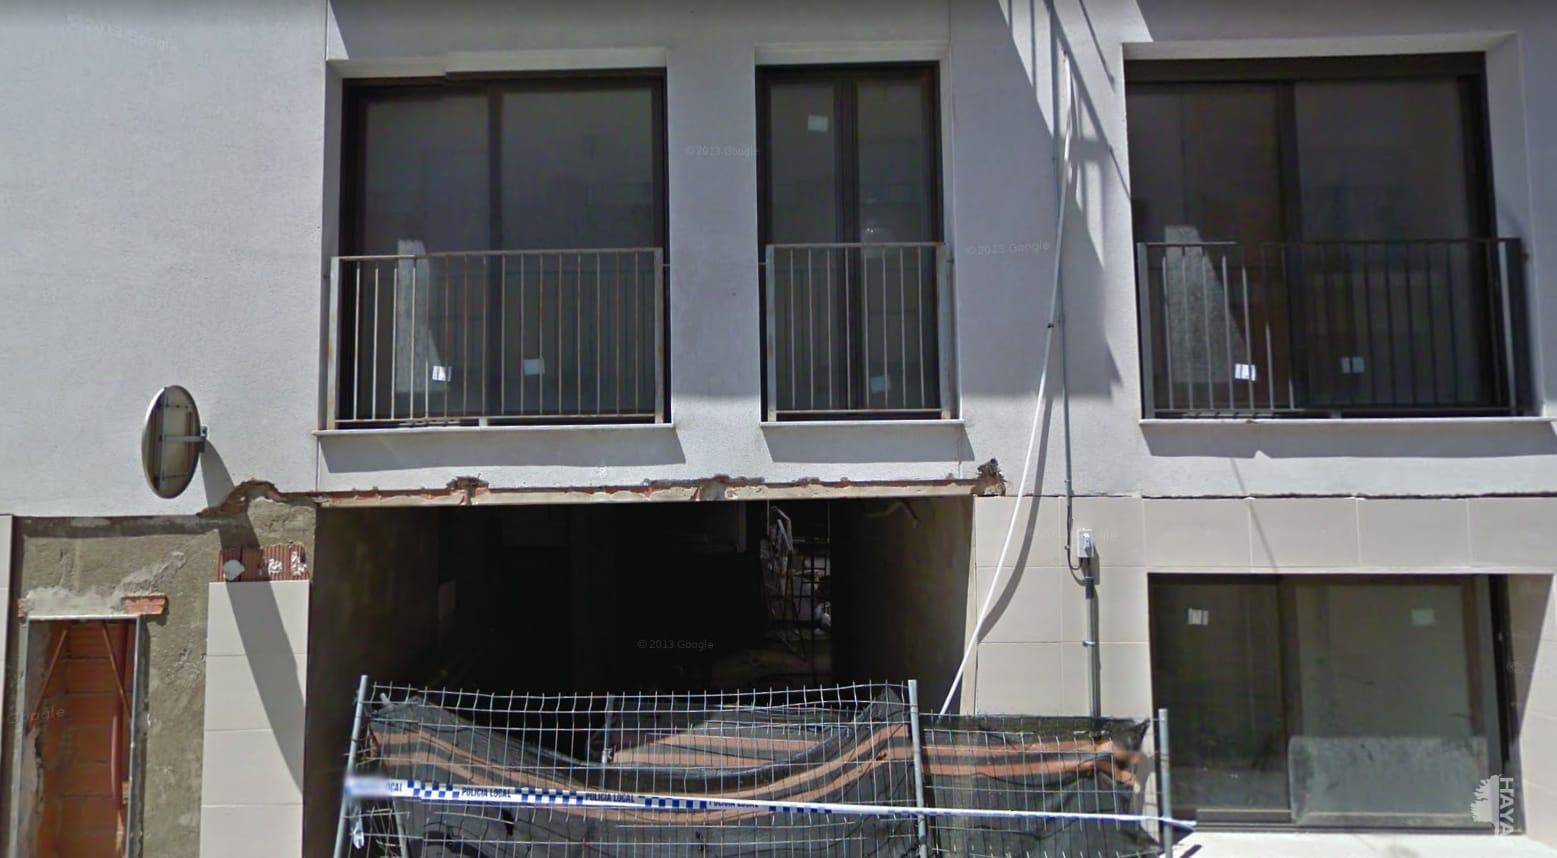 Piso en venta en Palafolls, Barcelona, Calle Mar, 58.200 €, 2 habitaciones, 1 baño, 47 m2